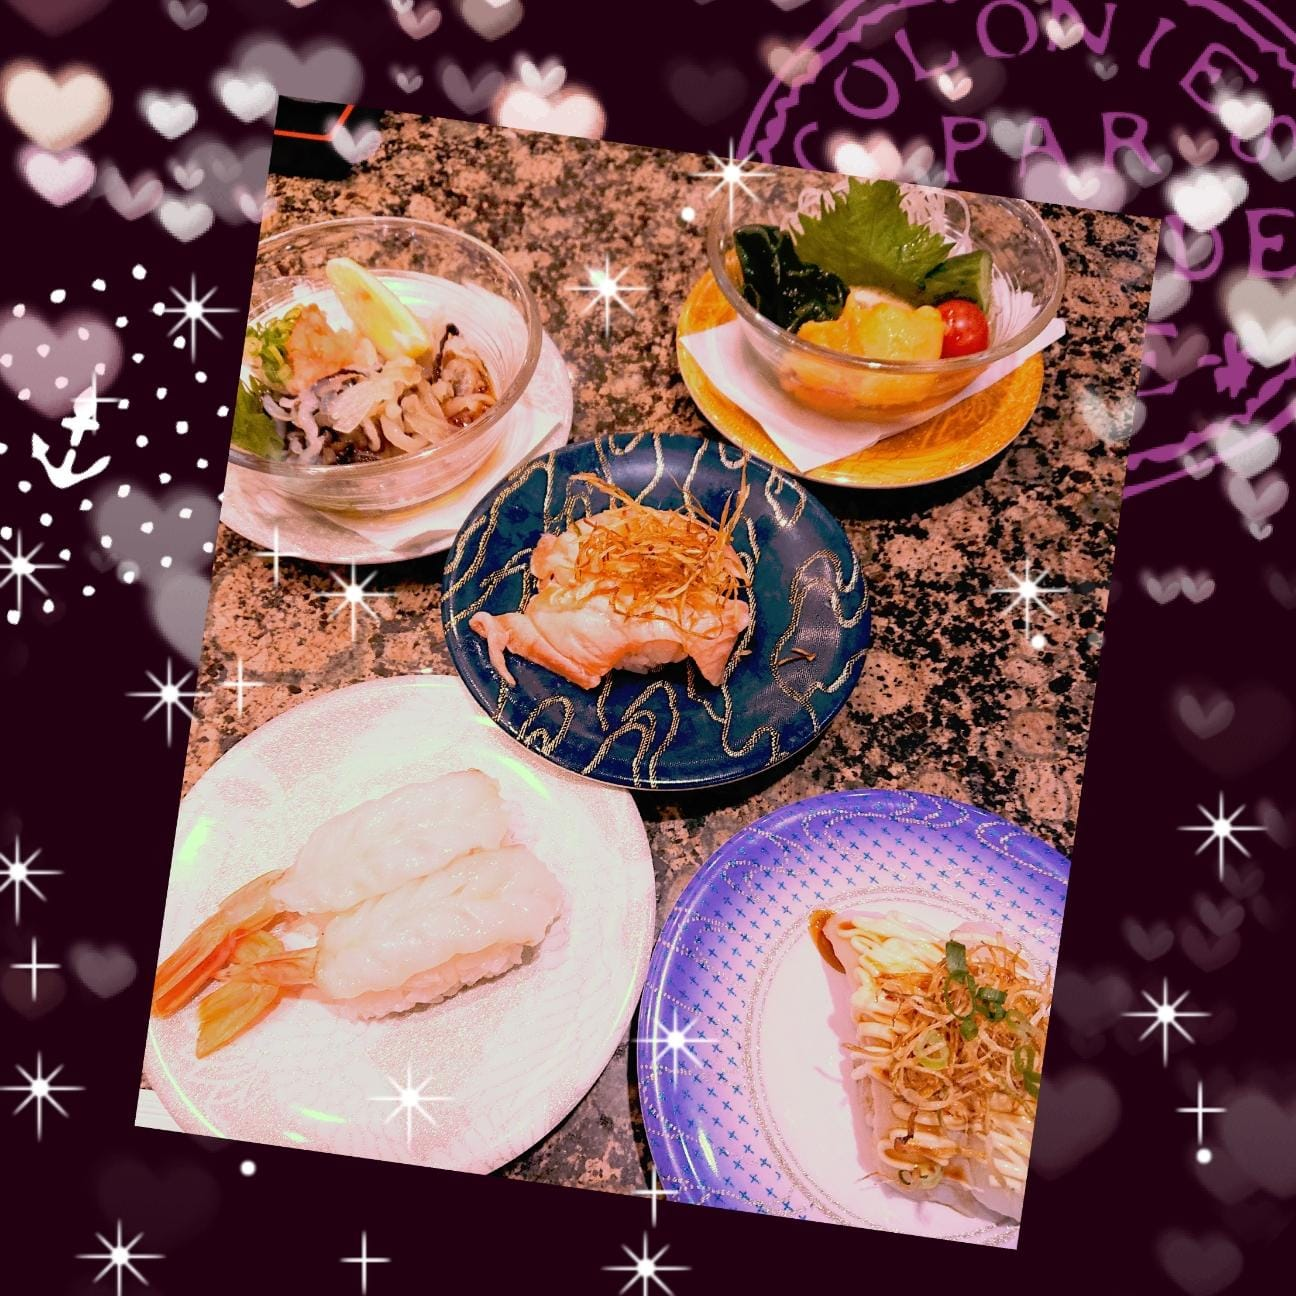 「♪定休日♪」06/16(06/16) 22:40 | とも先生の写メ・風俗動画